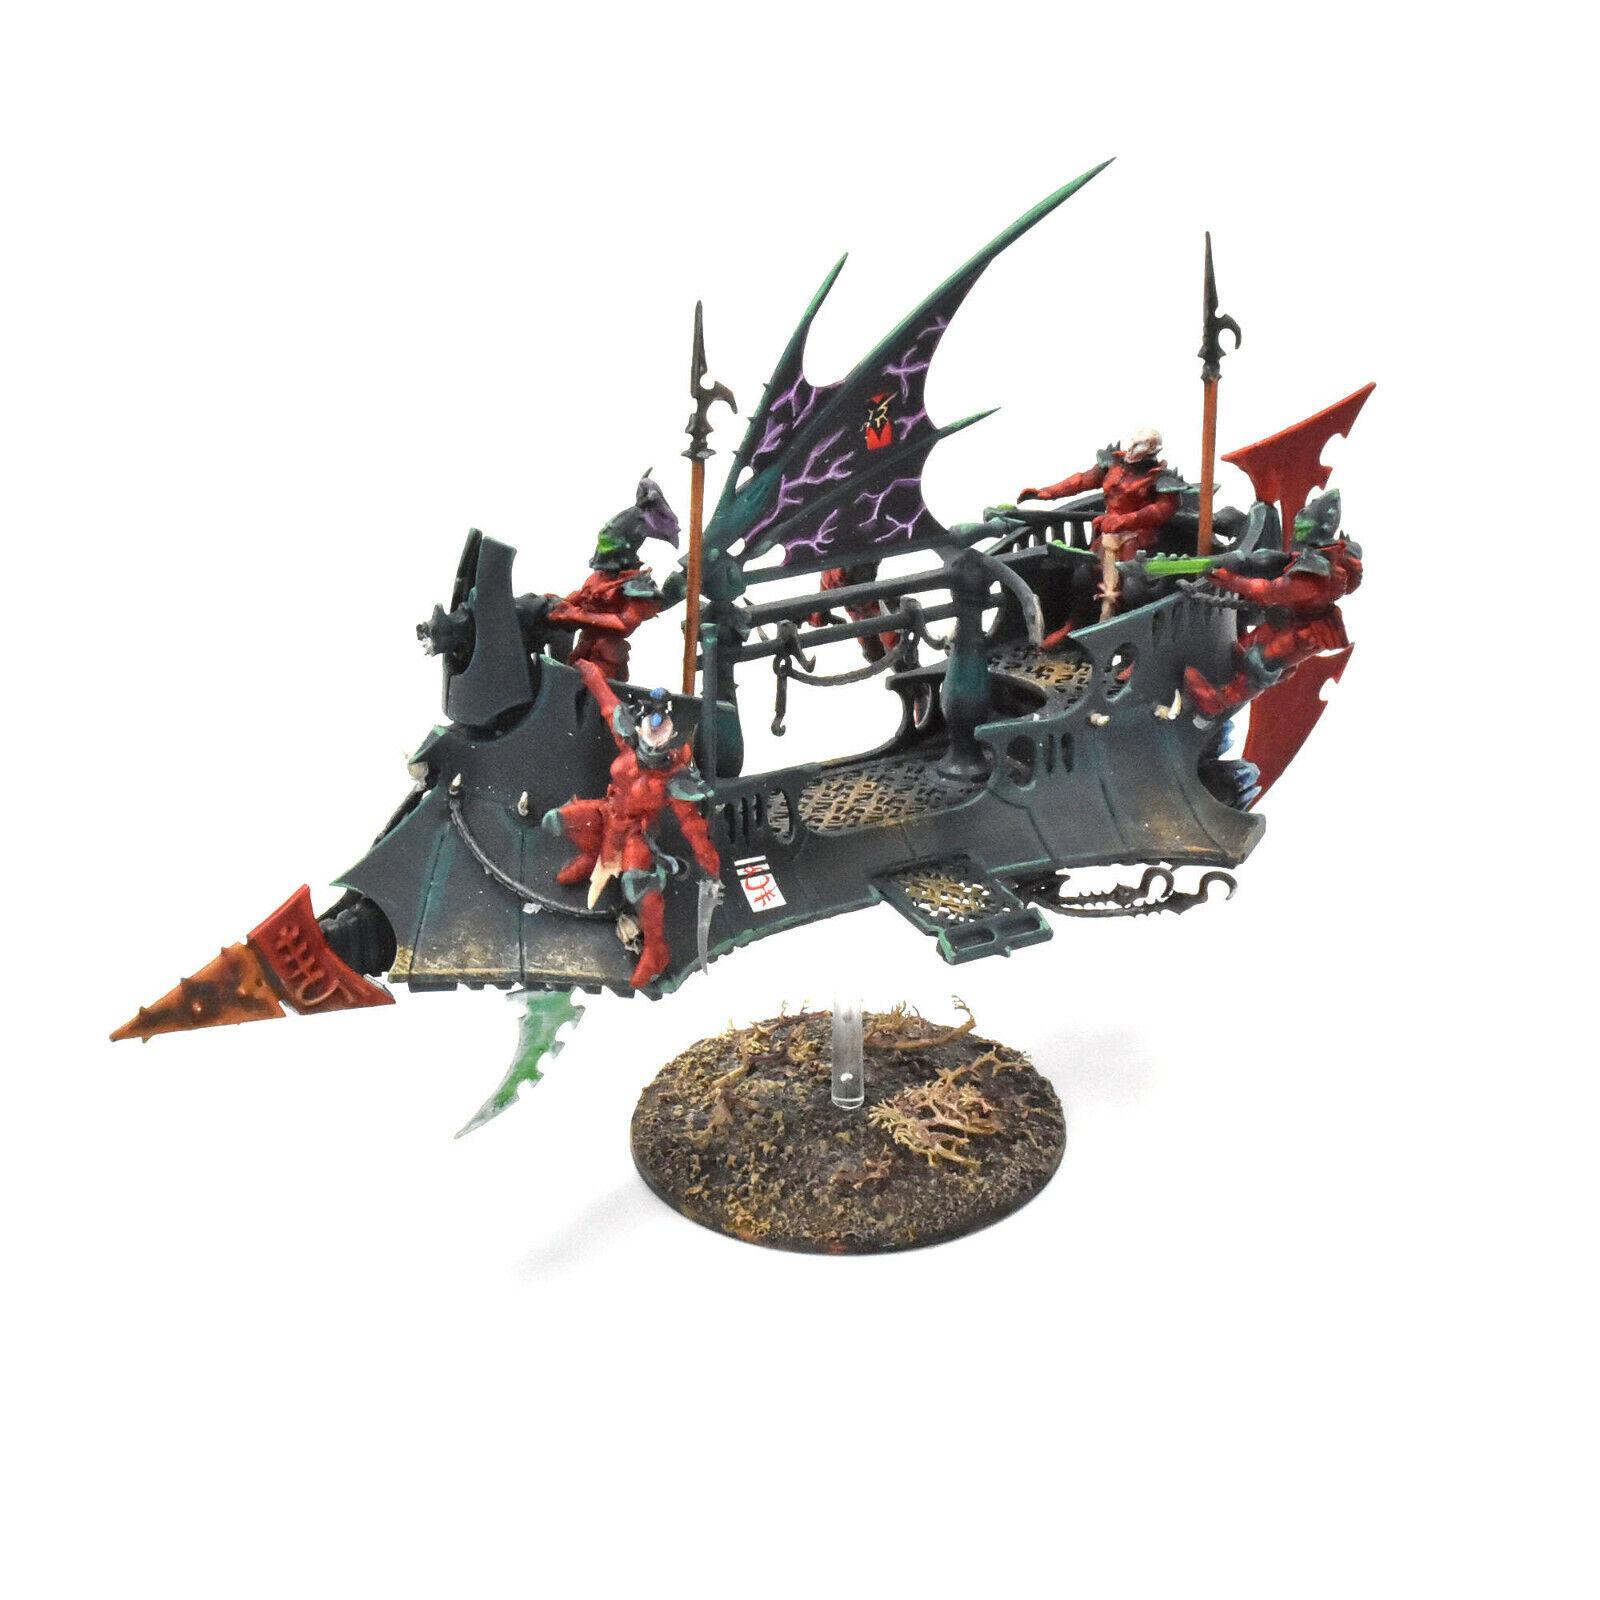 el mas de moda Drukhari Raider  1 BIEN BIEN BIEN PINTADOS WARHAMMER 40K eldar oscuro  precios razonables